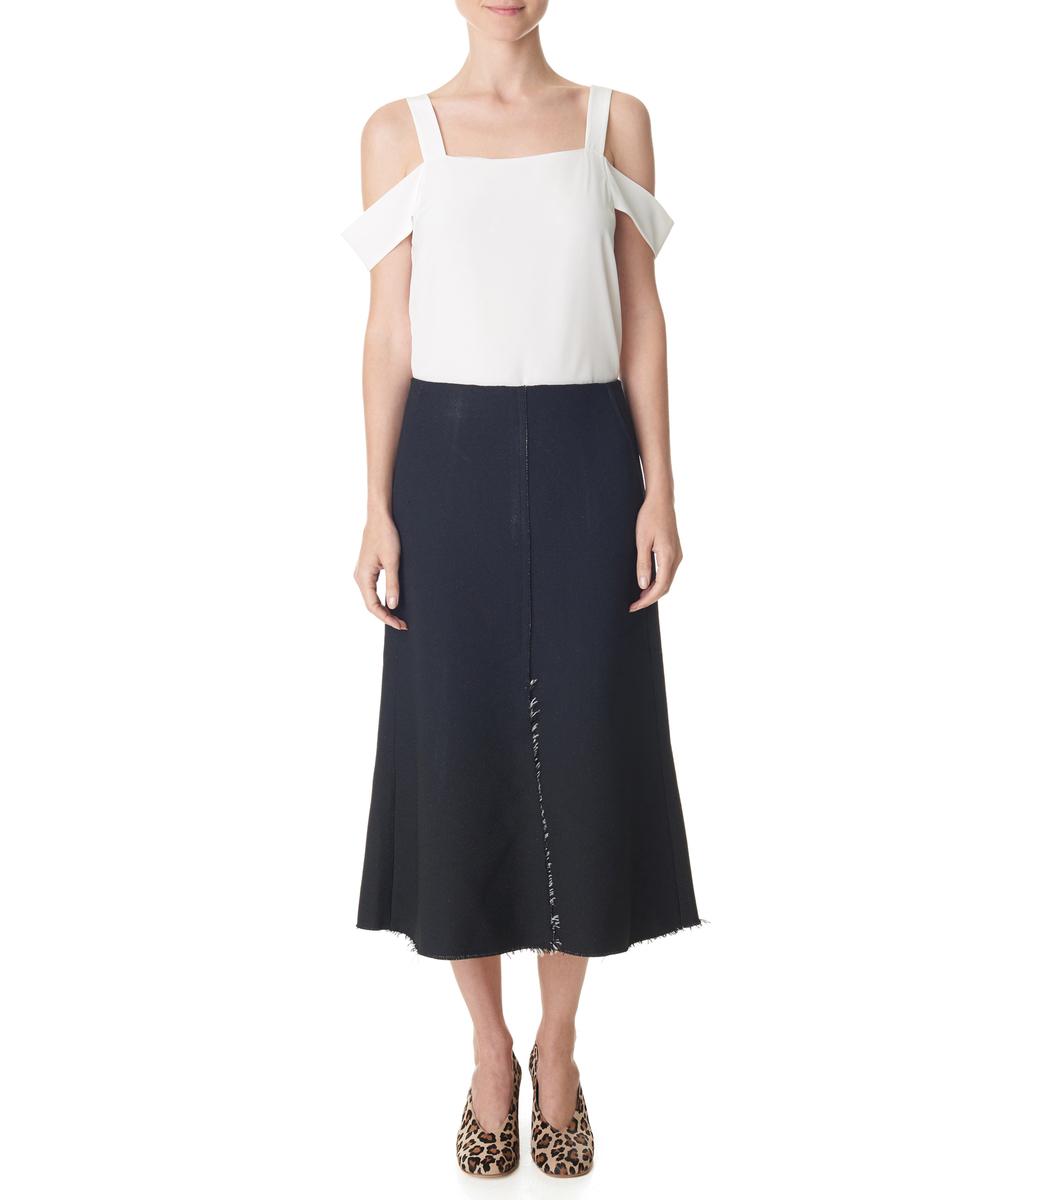 Tibi Double Crepe Sable Flared Skirt - Fluted Midi Skirt